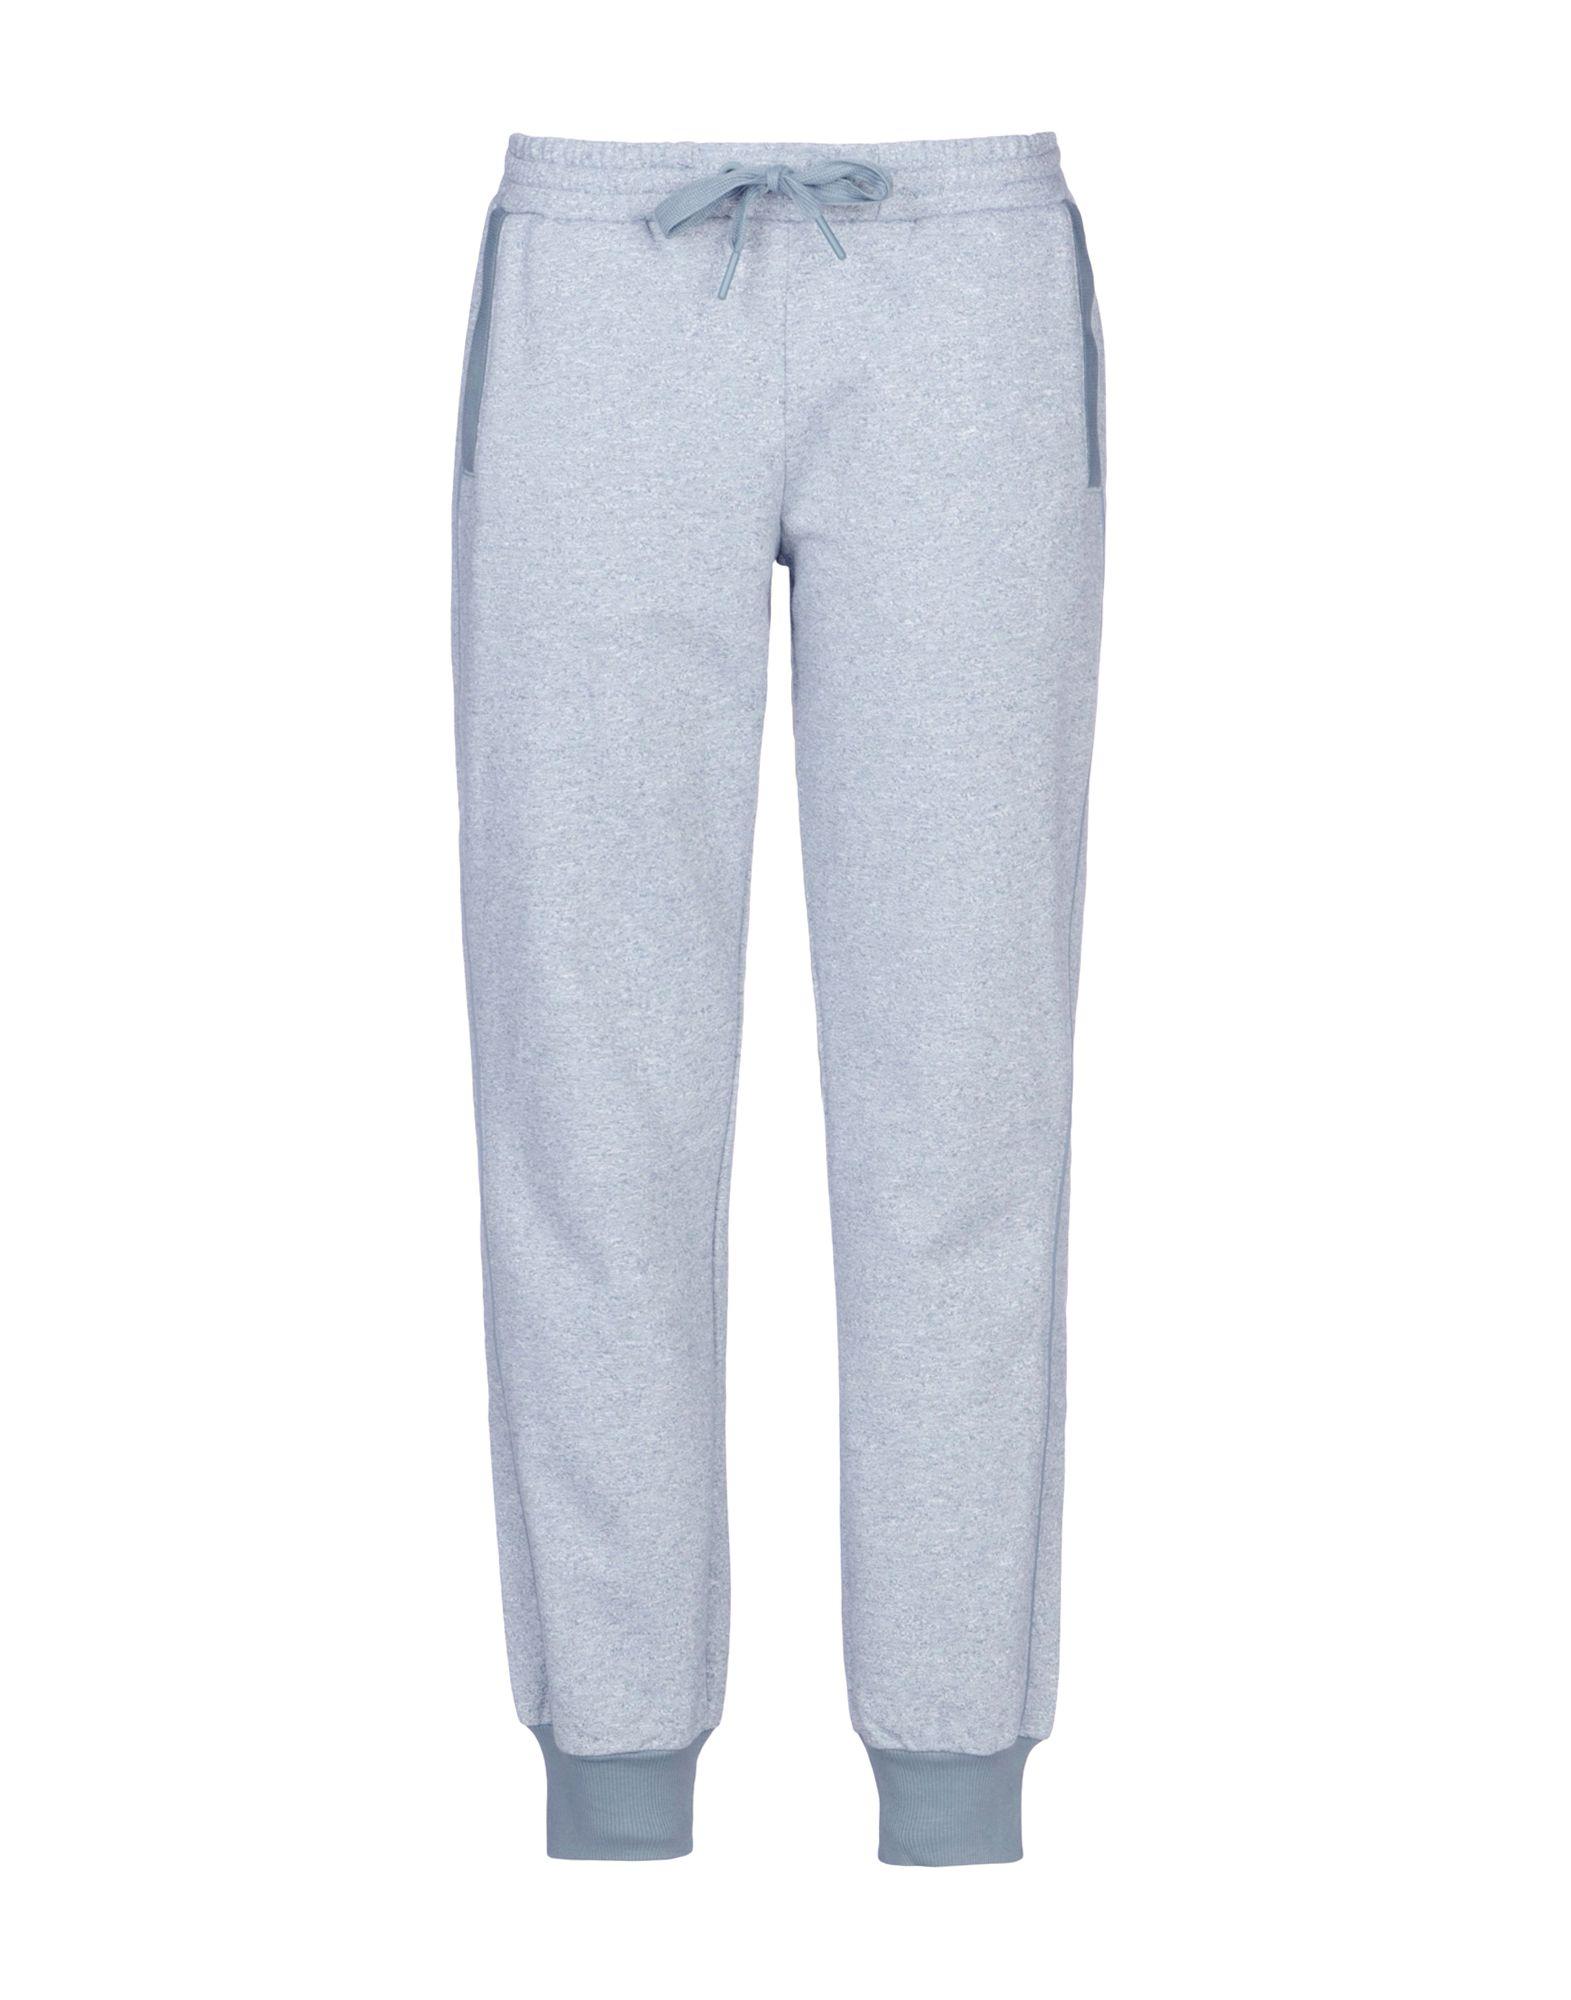 ADIDAS by STELLA McCARTNEY Повседневные брюки adidas by stella mccartney addb48963